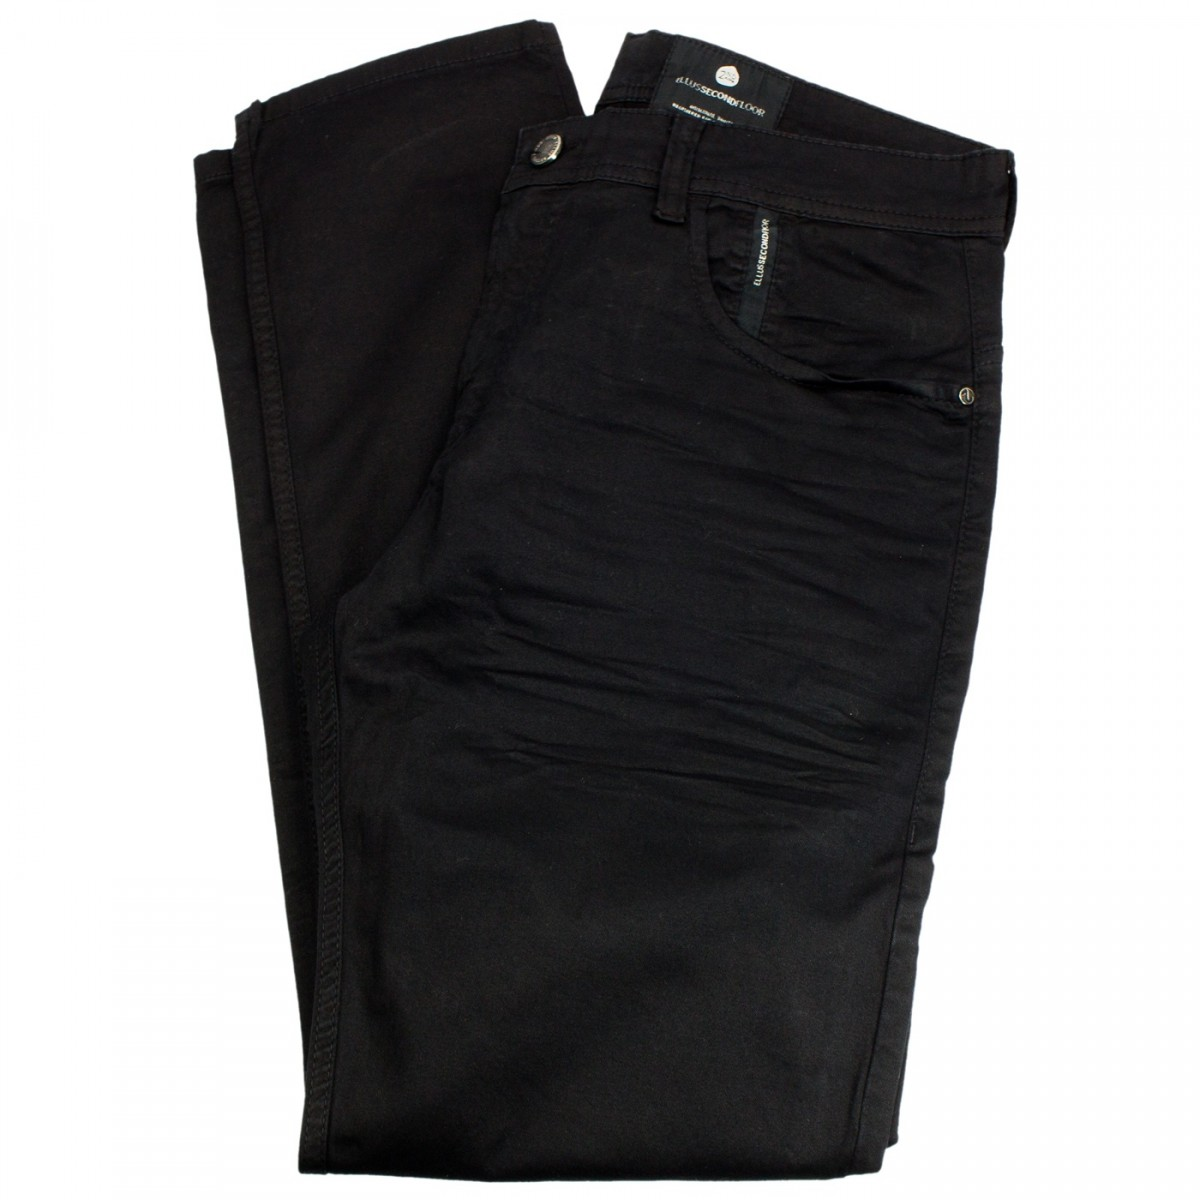 Calça Jeans Ellus Second Floor Sarja Light Color Super Slim 20sa683 Preto